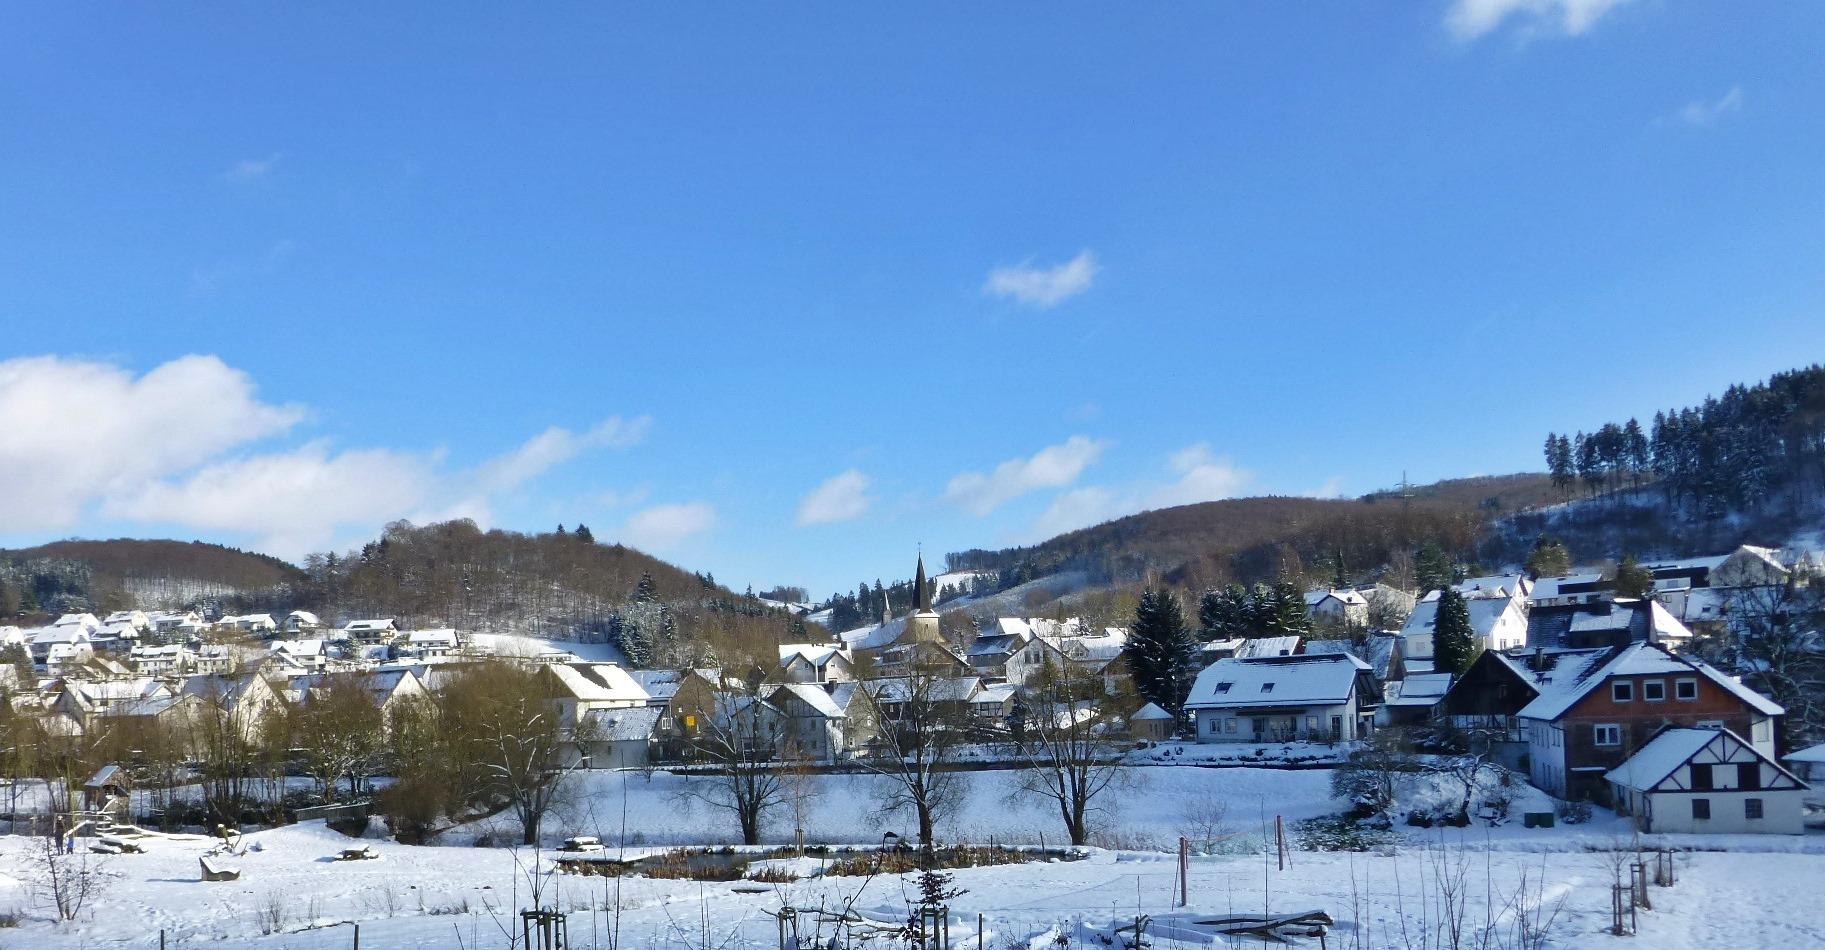 Bild von Winter 2014/2015 in Oedingen – Herrliche Impressionen